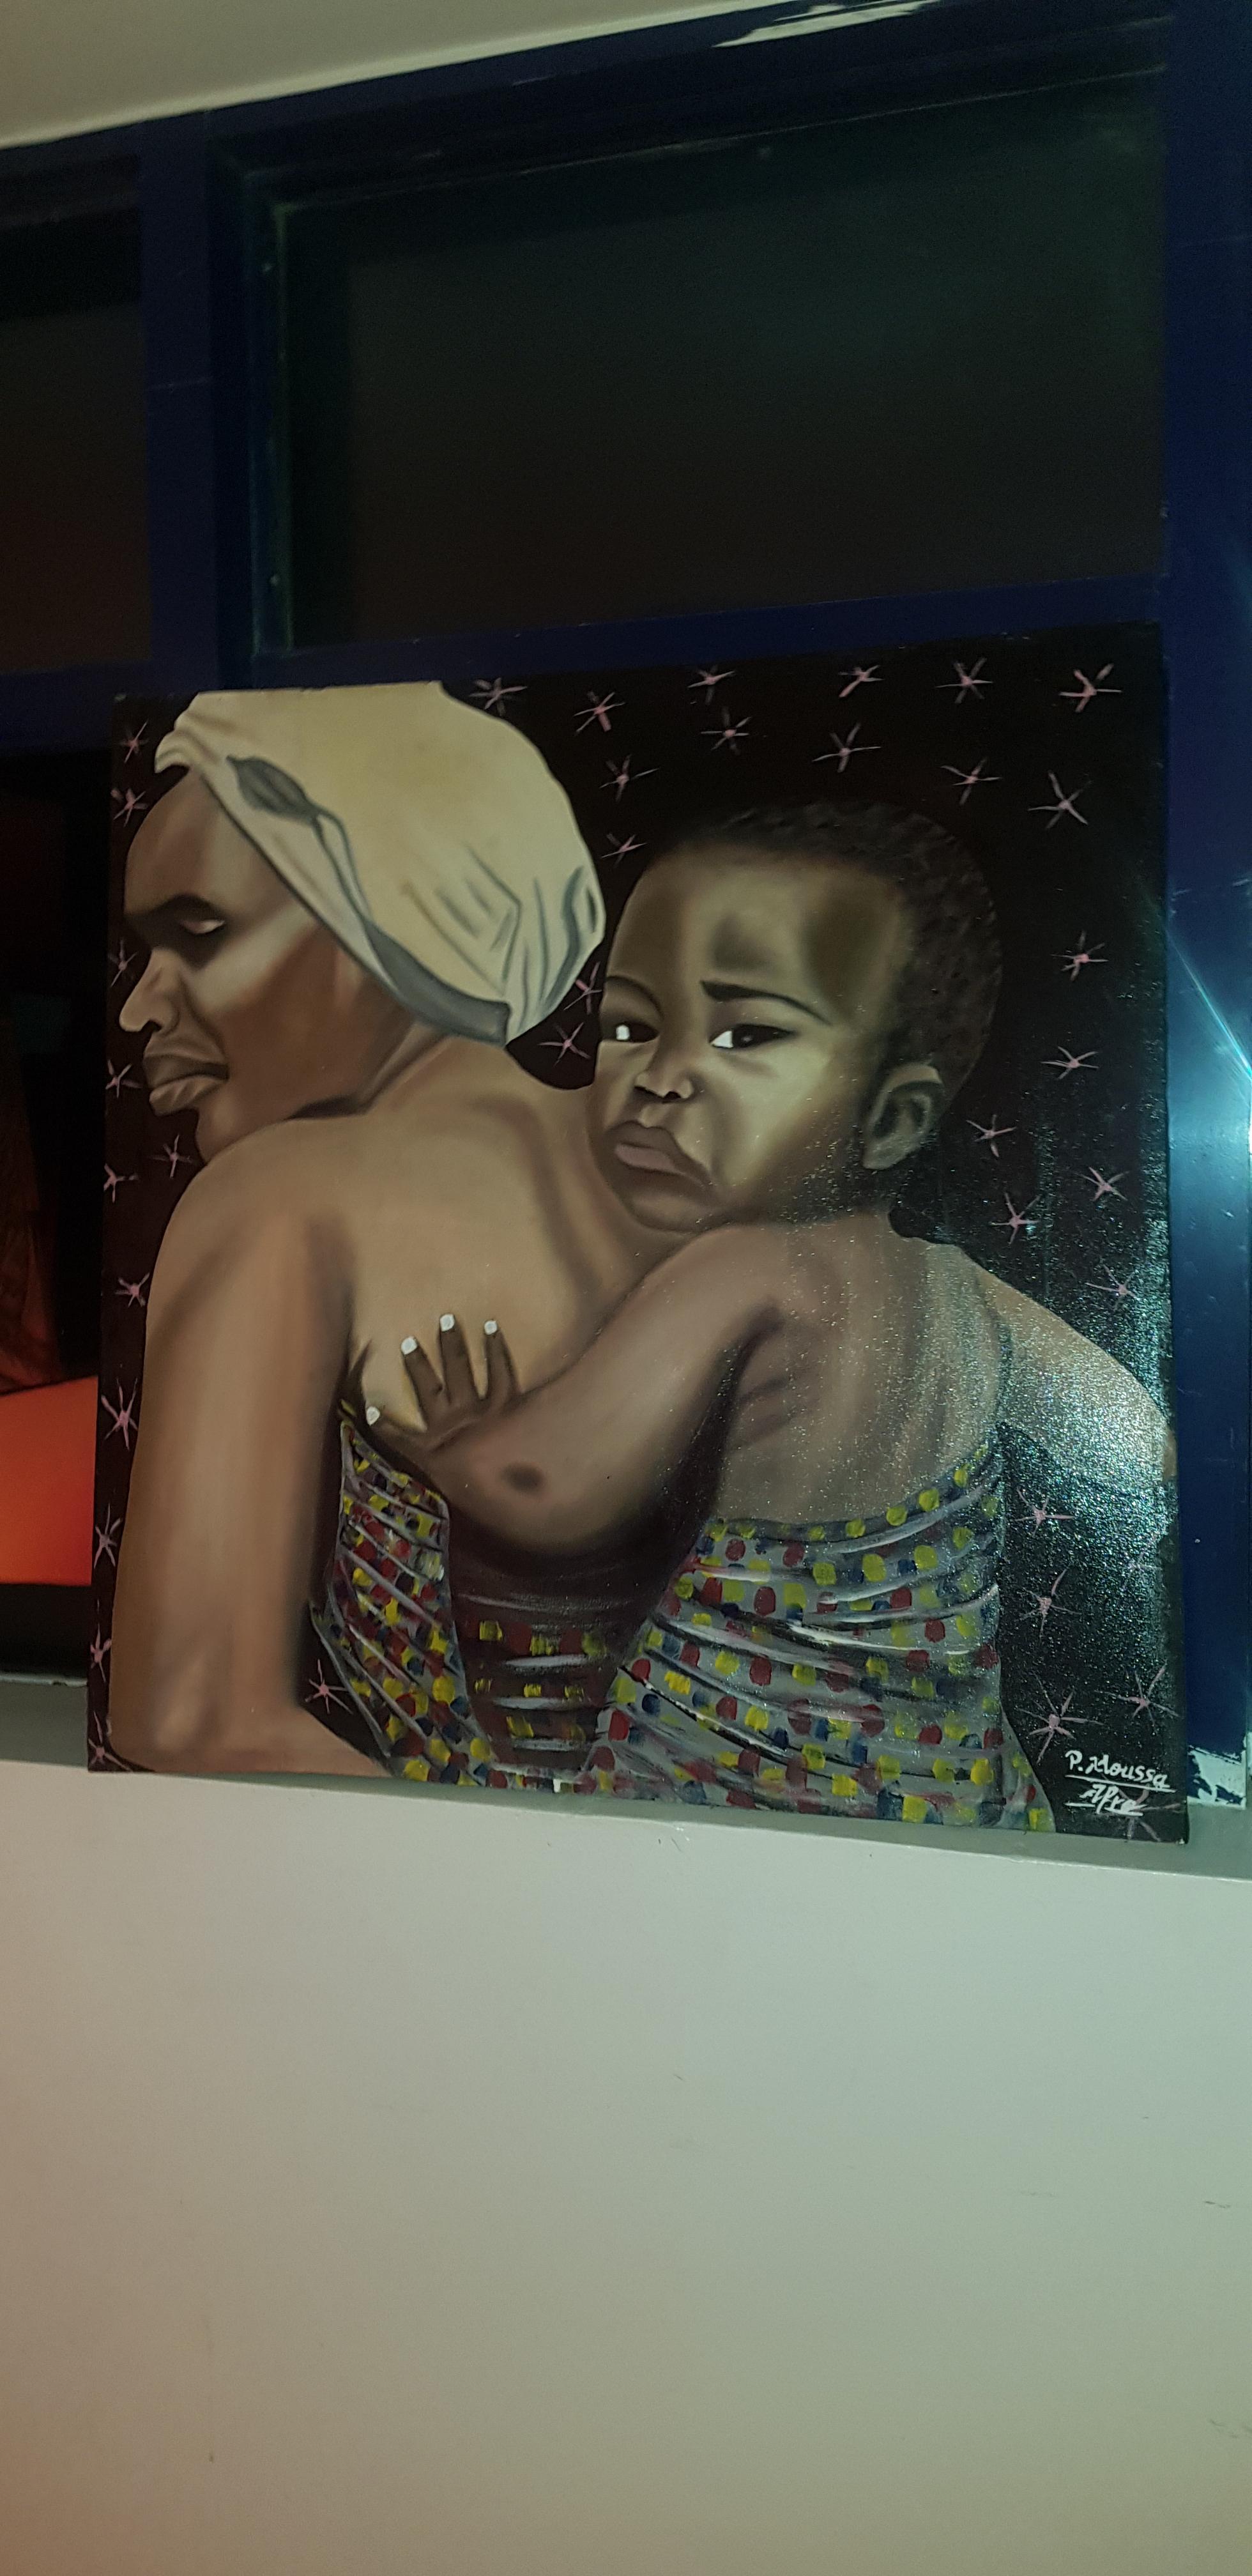 Le groupe Promo Consulting accompagne l'exposition et vernissage du jeune artiste Pape Moussa Mbaye.